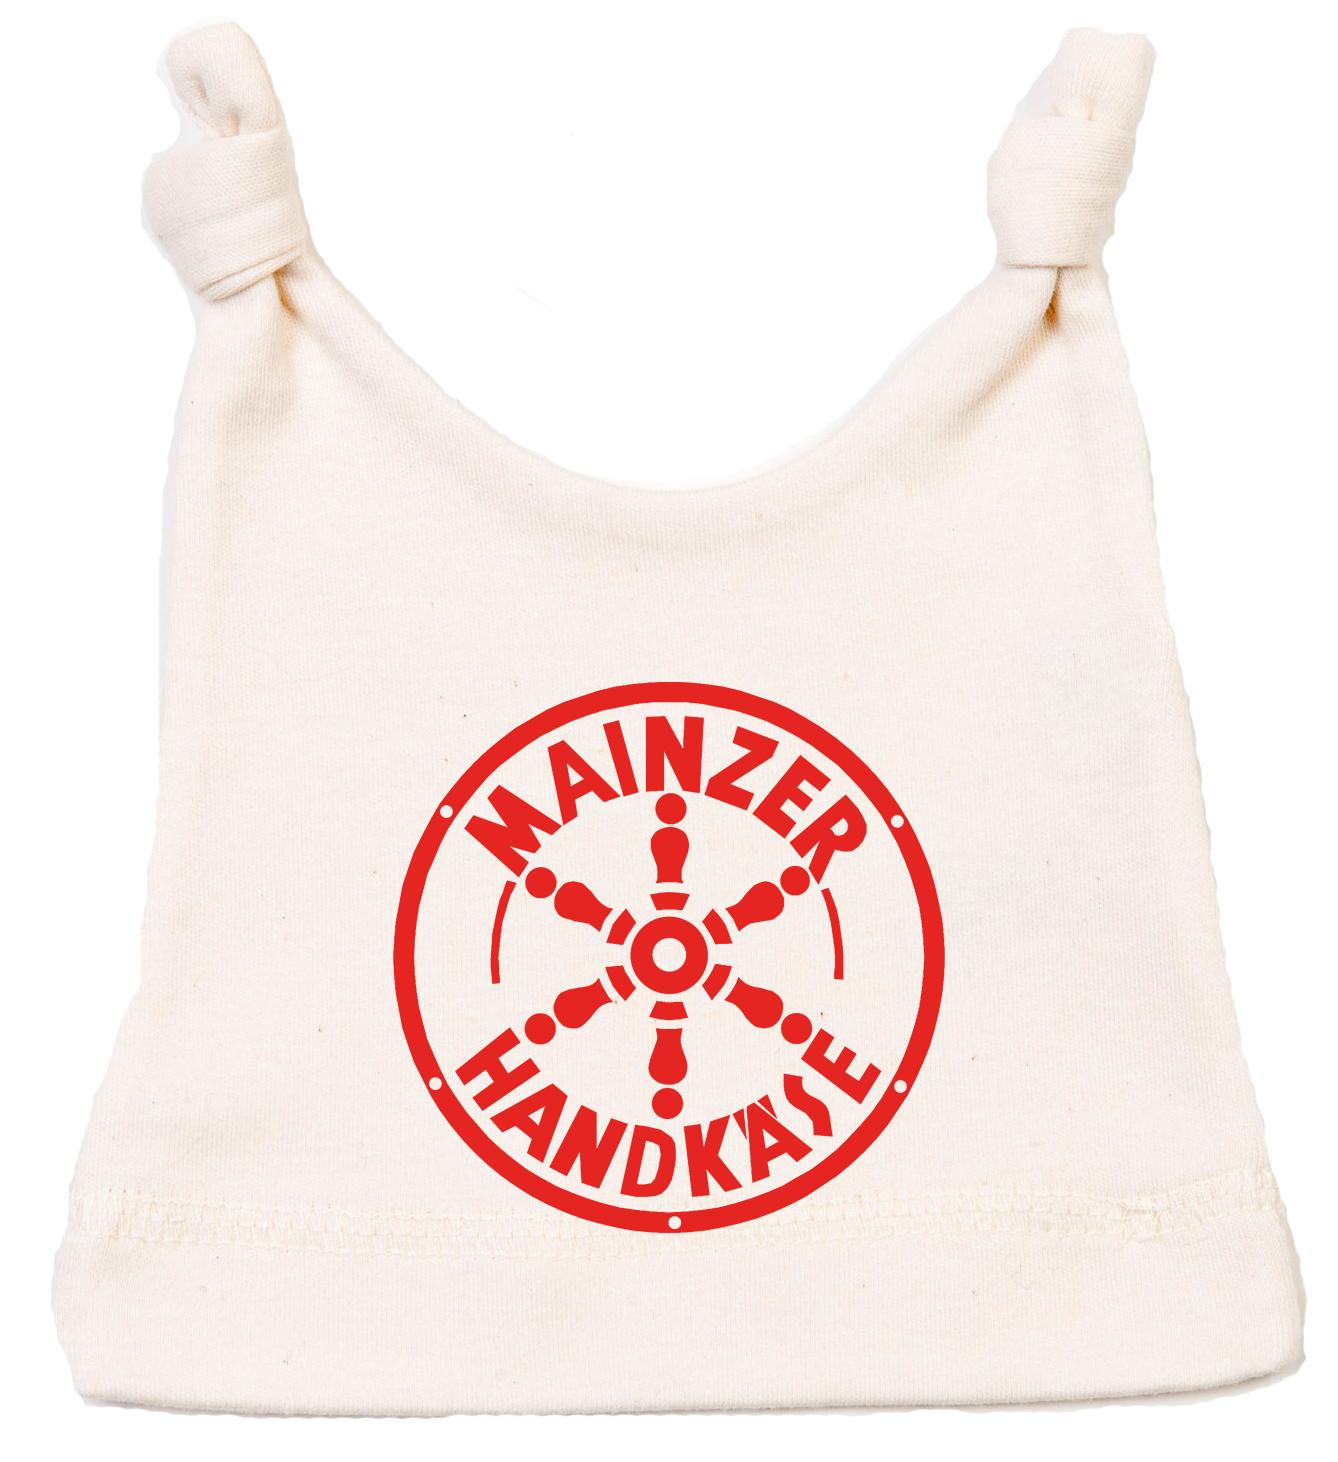 MAINZER HANDKÄSE